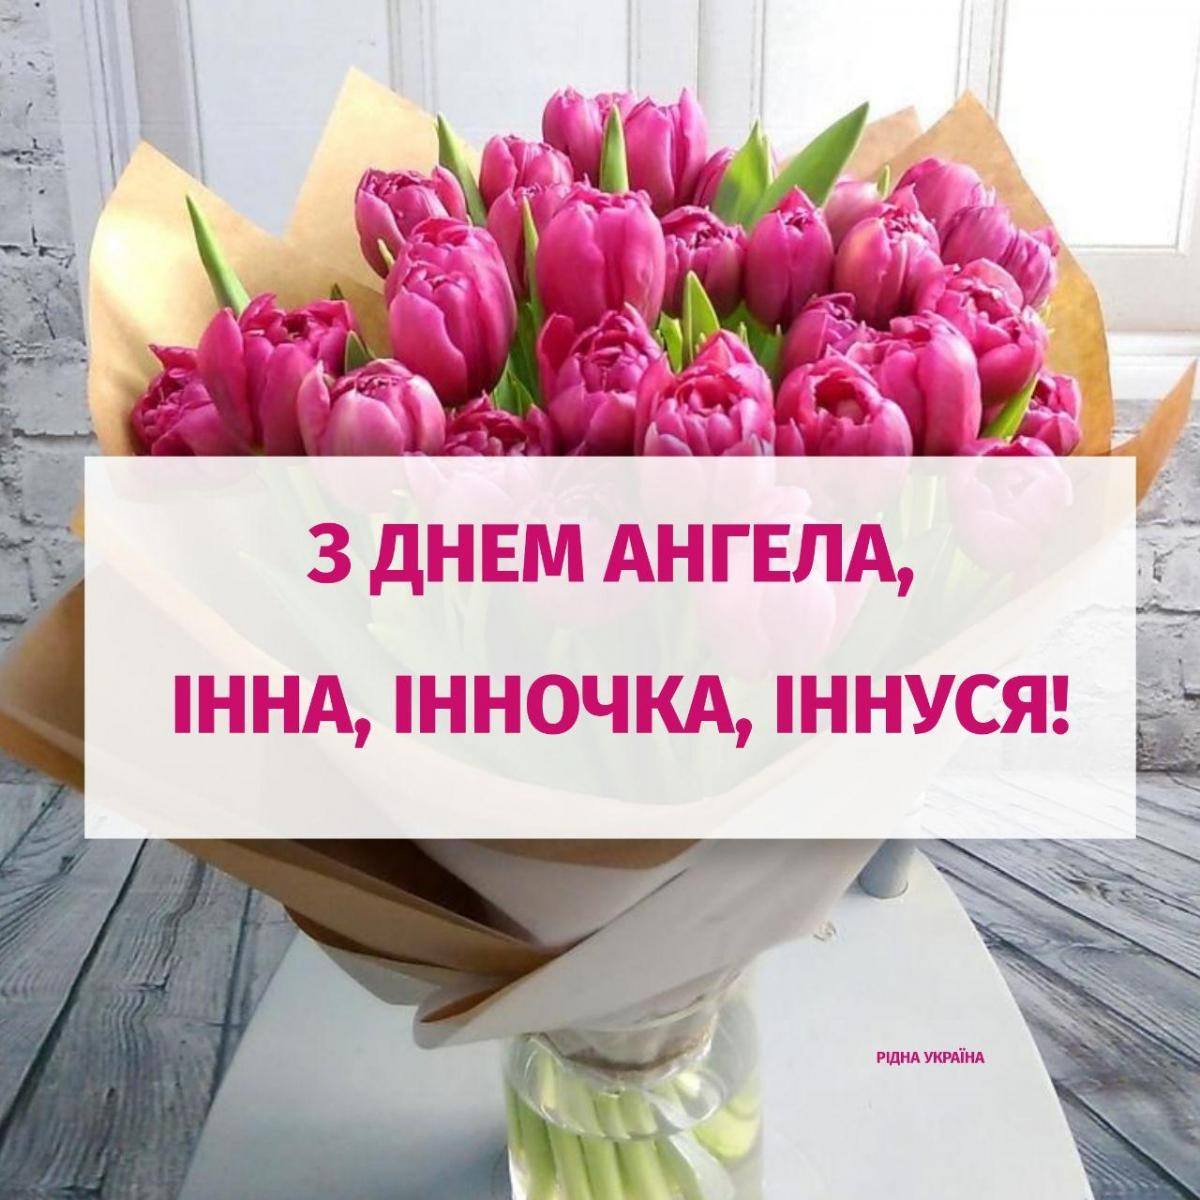 Открытки и картинки с Днем ангела Инны / ridna.com.ua